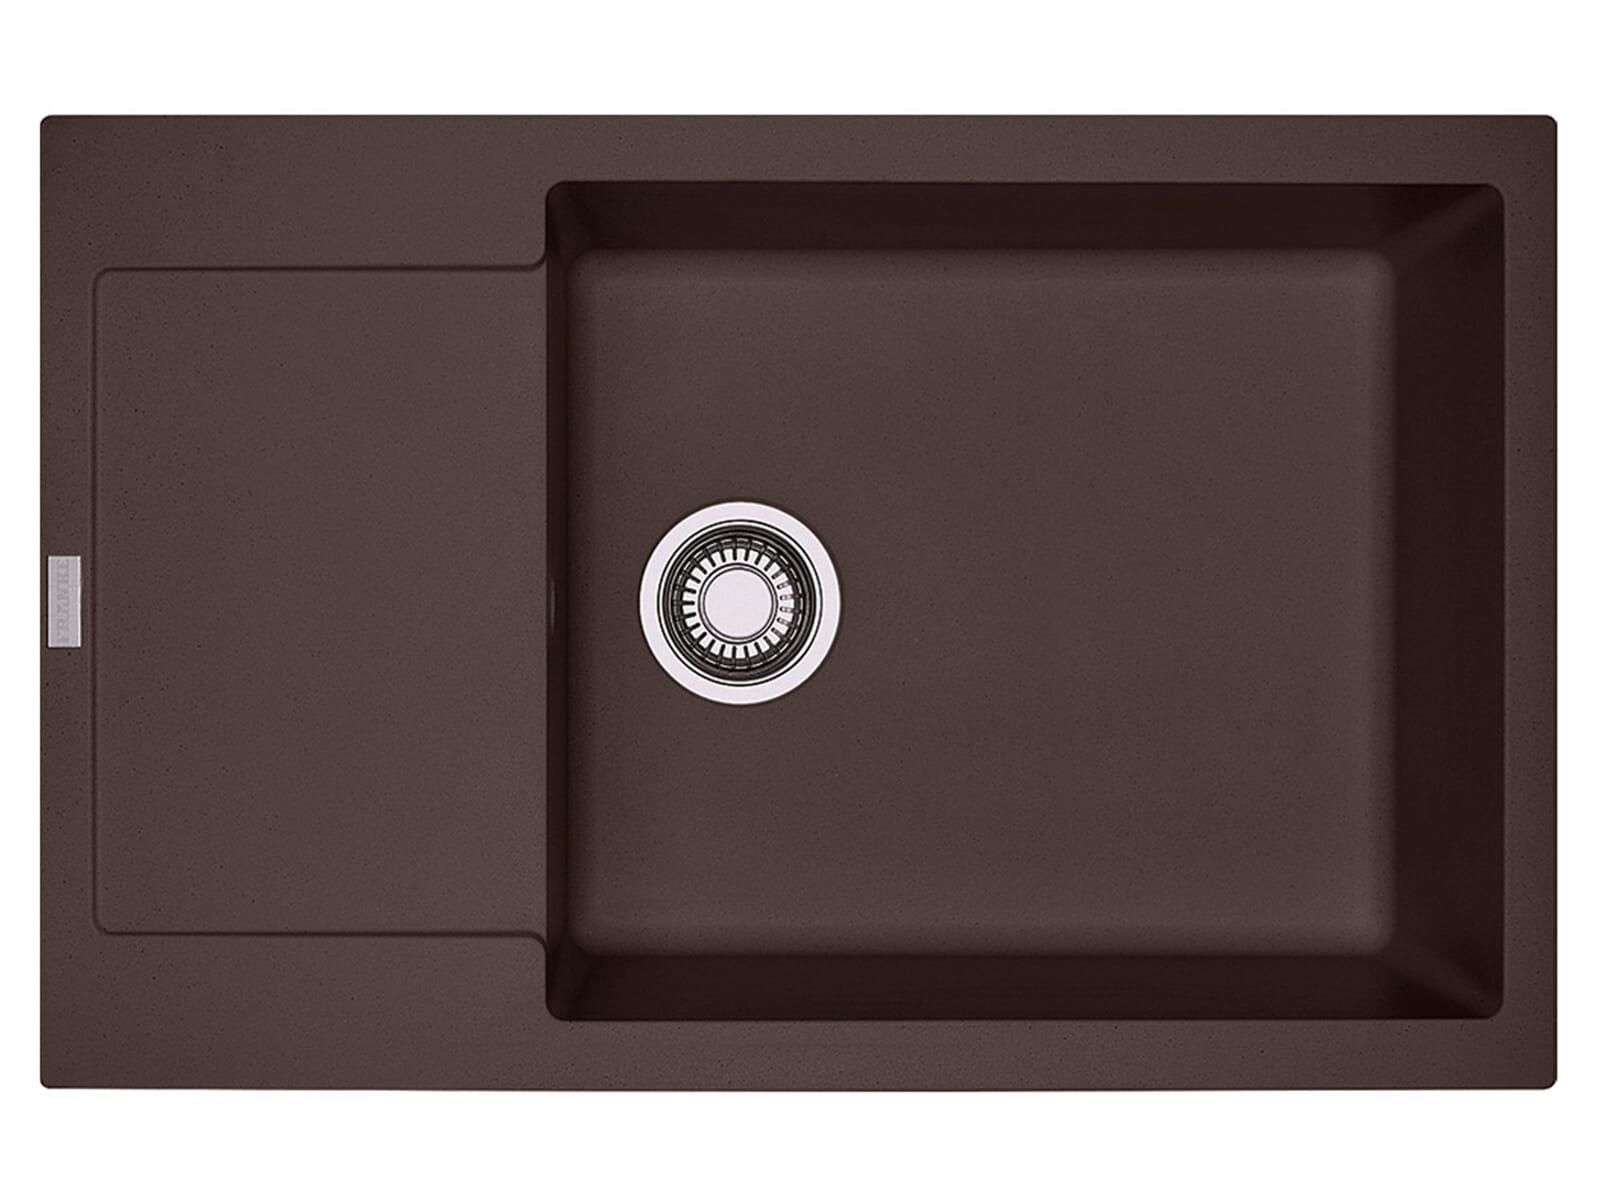 franke maris mrg 611 78 xl chocolate granitsp le drehknopfventil. Black Bedroom Furniture Sets. Home Design Ideas